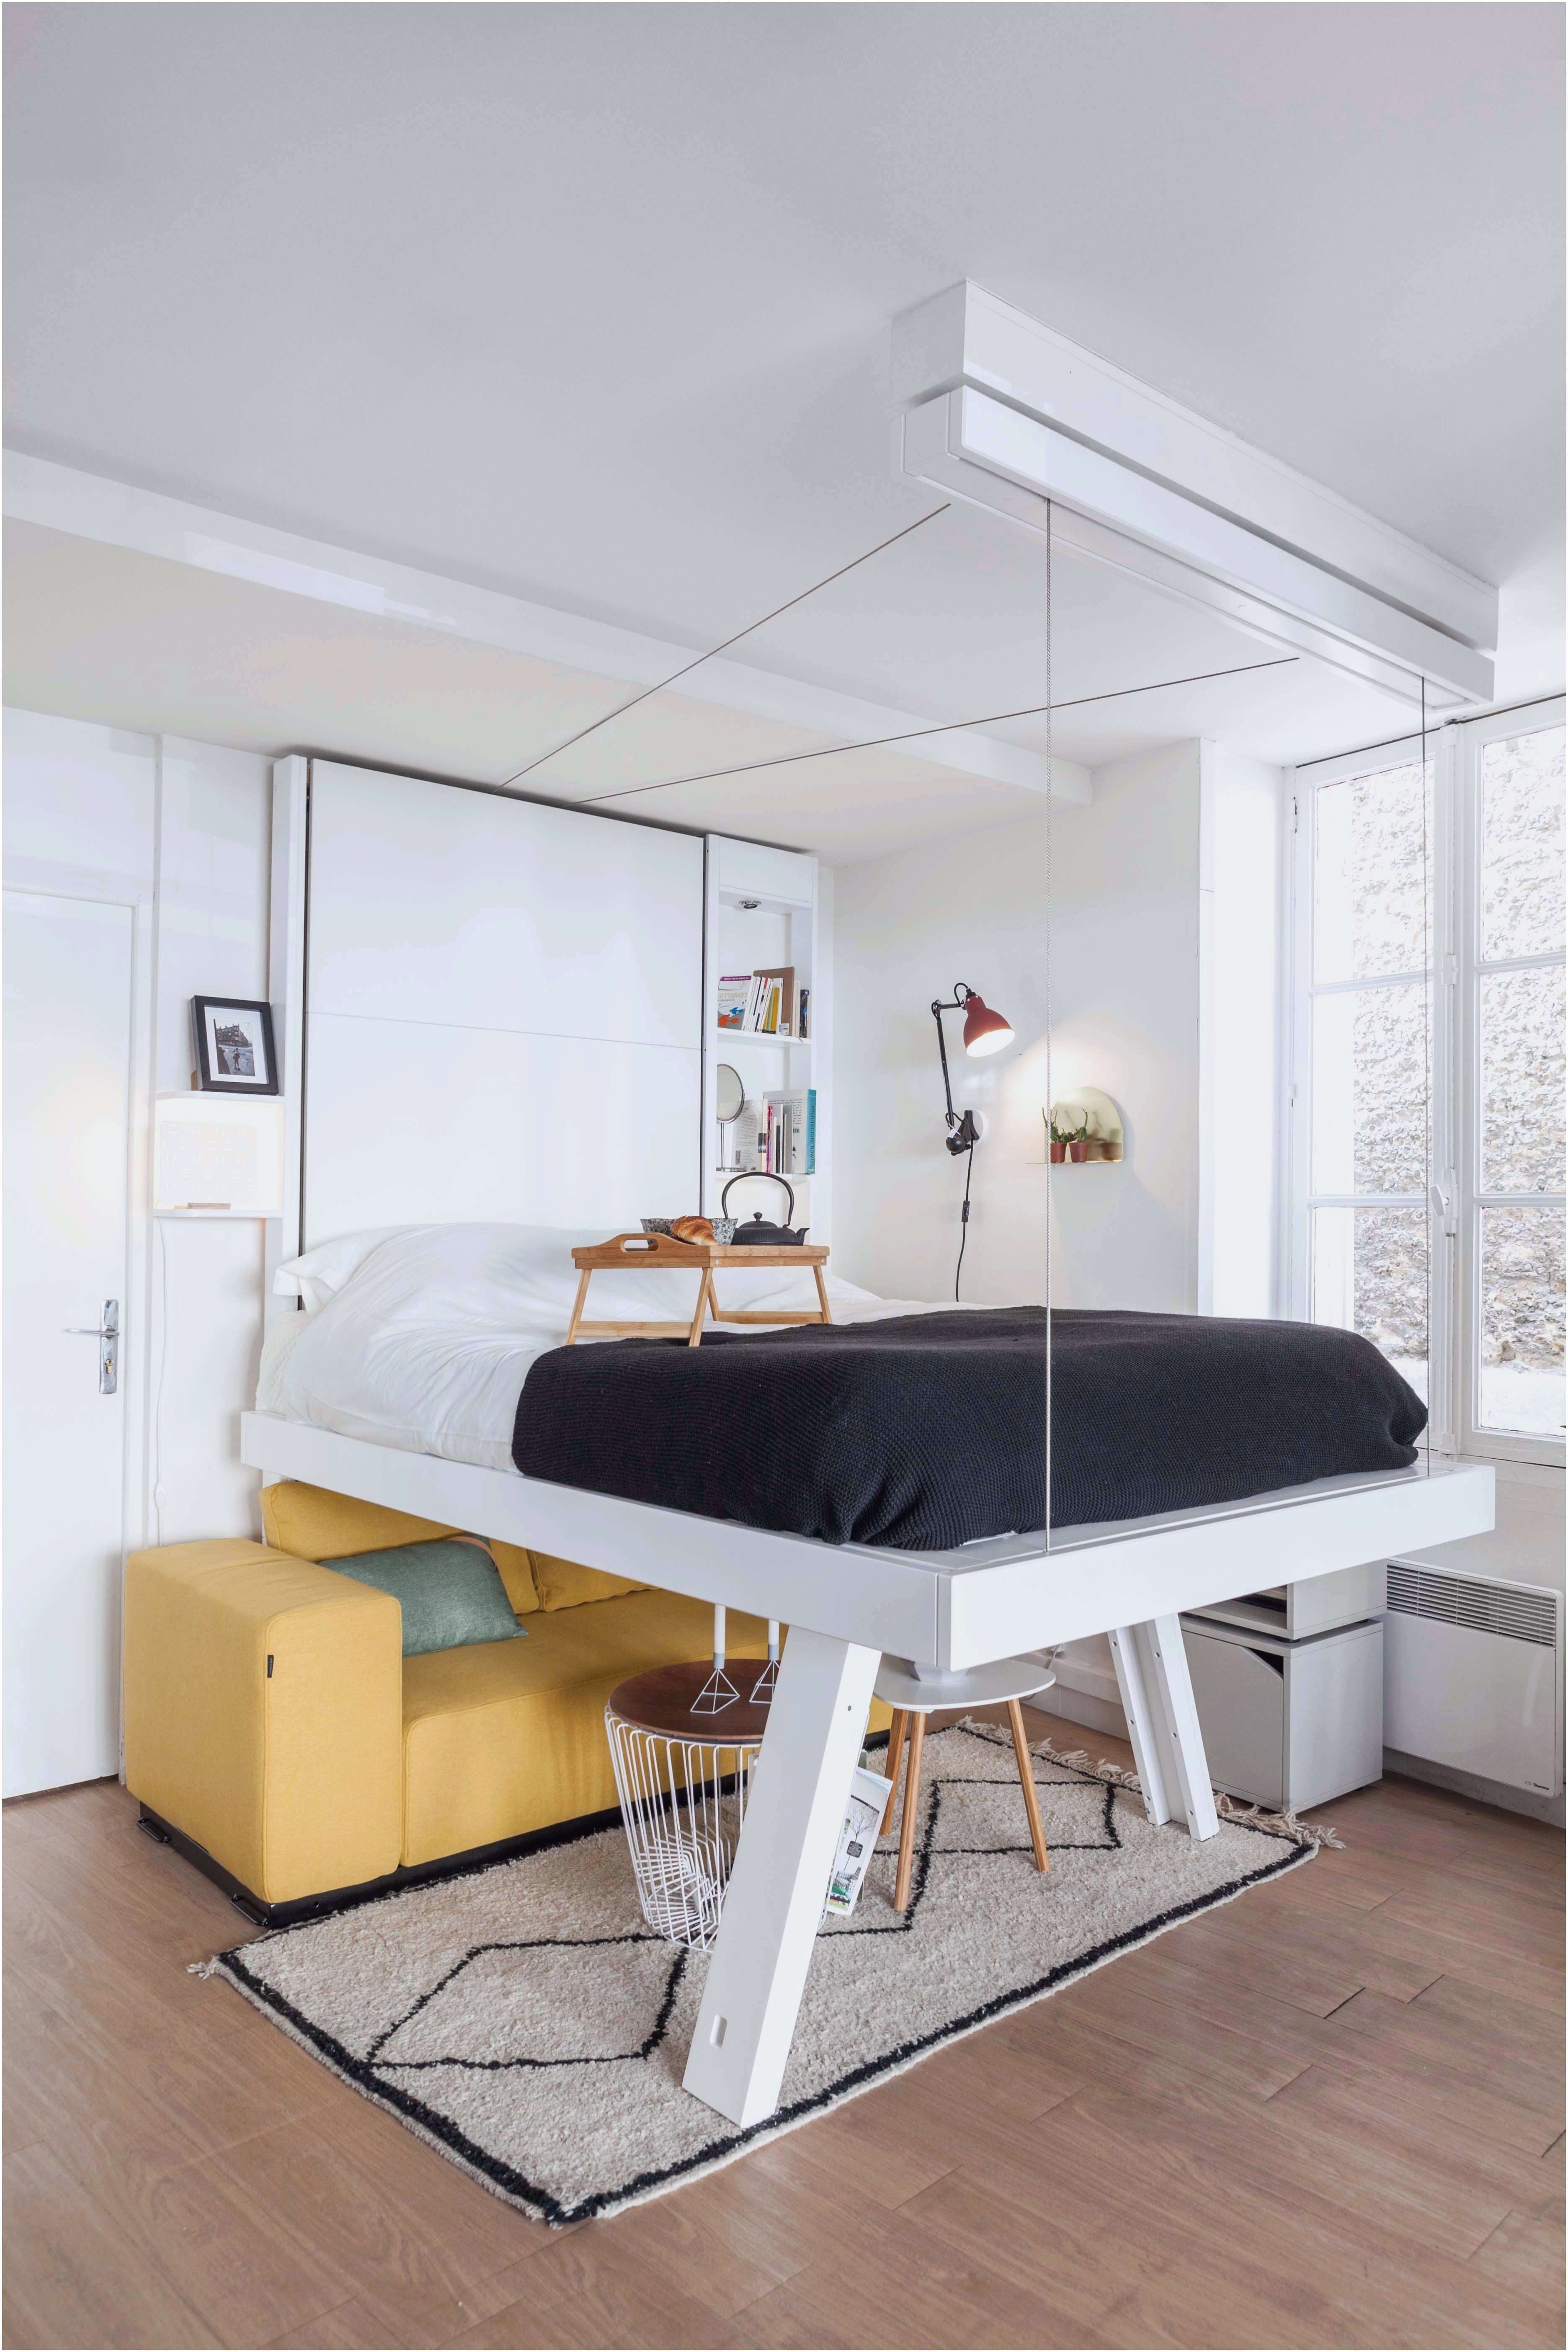 Grand Lit Mezzanine Élégant Nouveau Lit Mezzanine Salon Chambre Mezzanine Adulte Beau Mezzanine